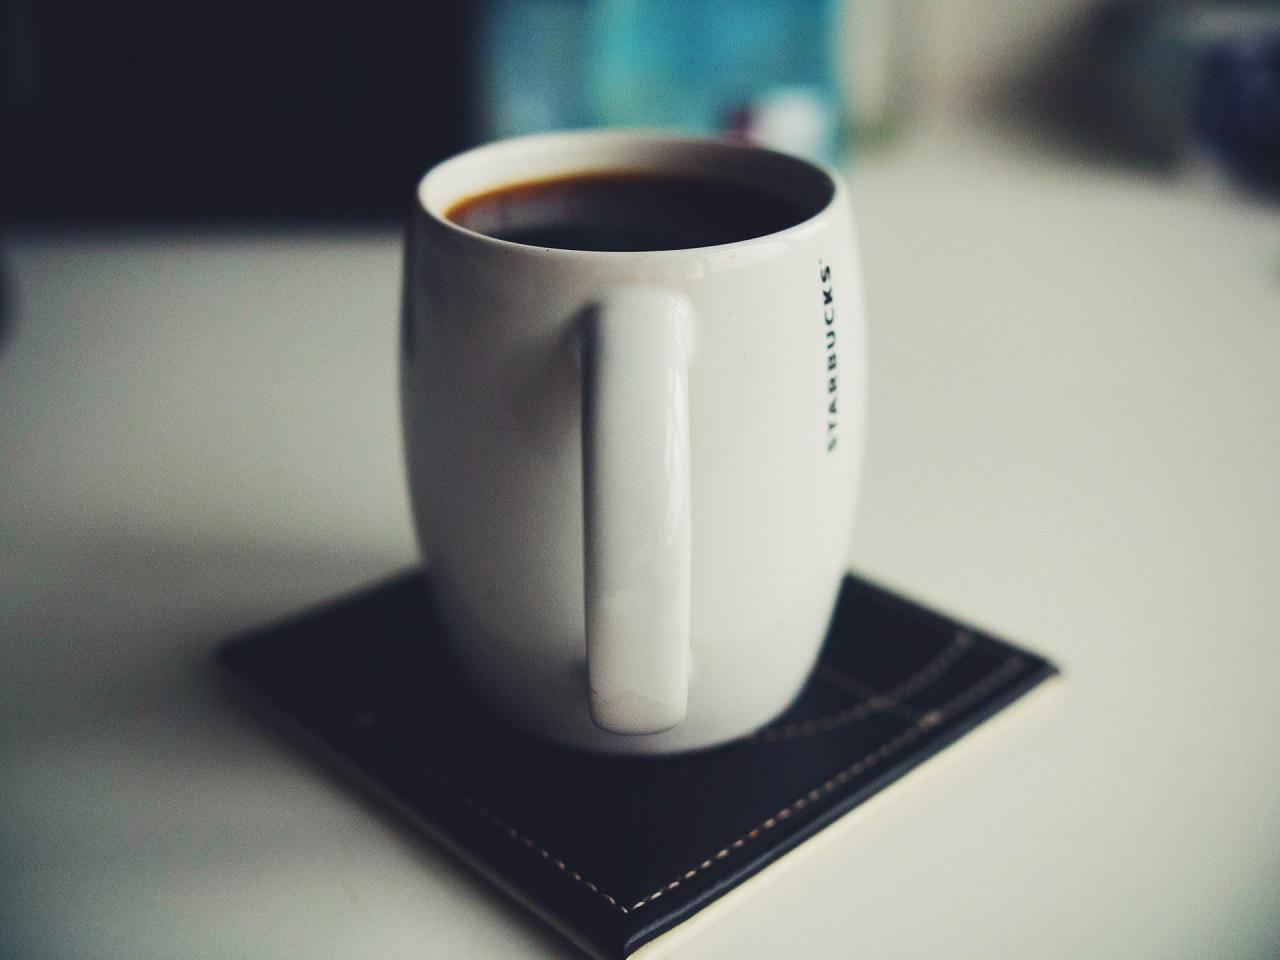 ESE Kaffeepads sind nicht mit herkömmlichen Padmaschinen kompatibel, da sie kleiner im Durchmesser sind.